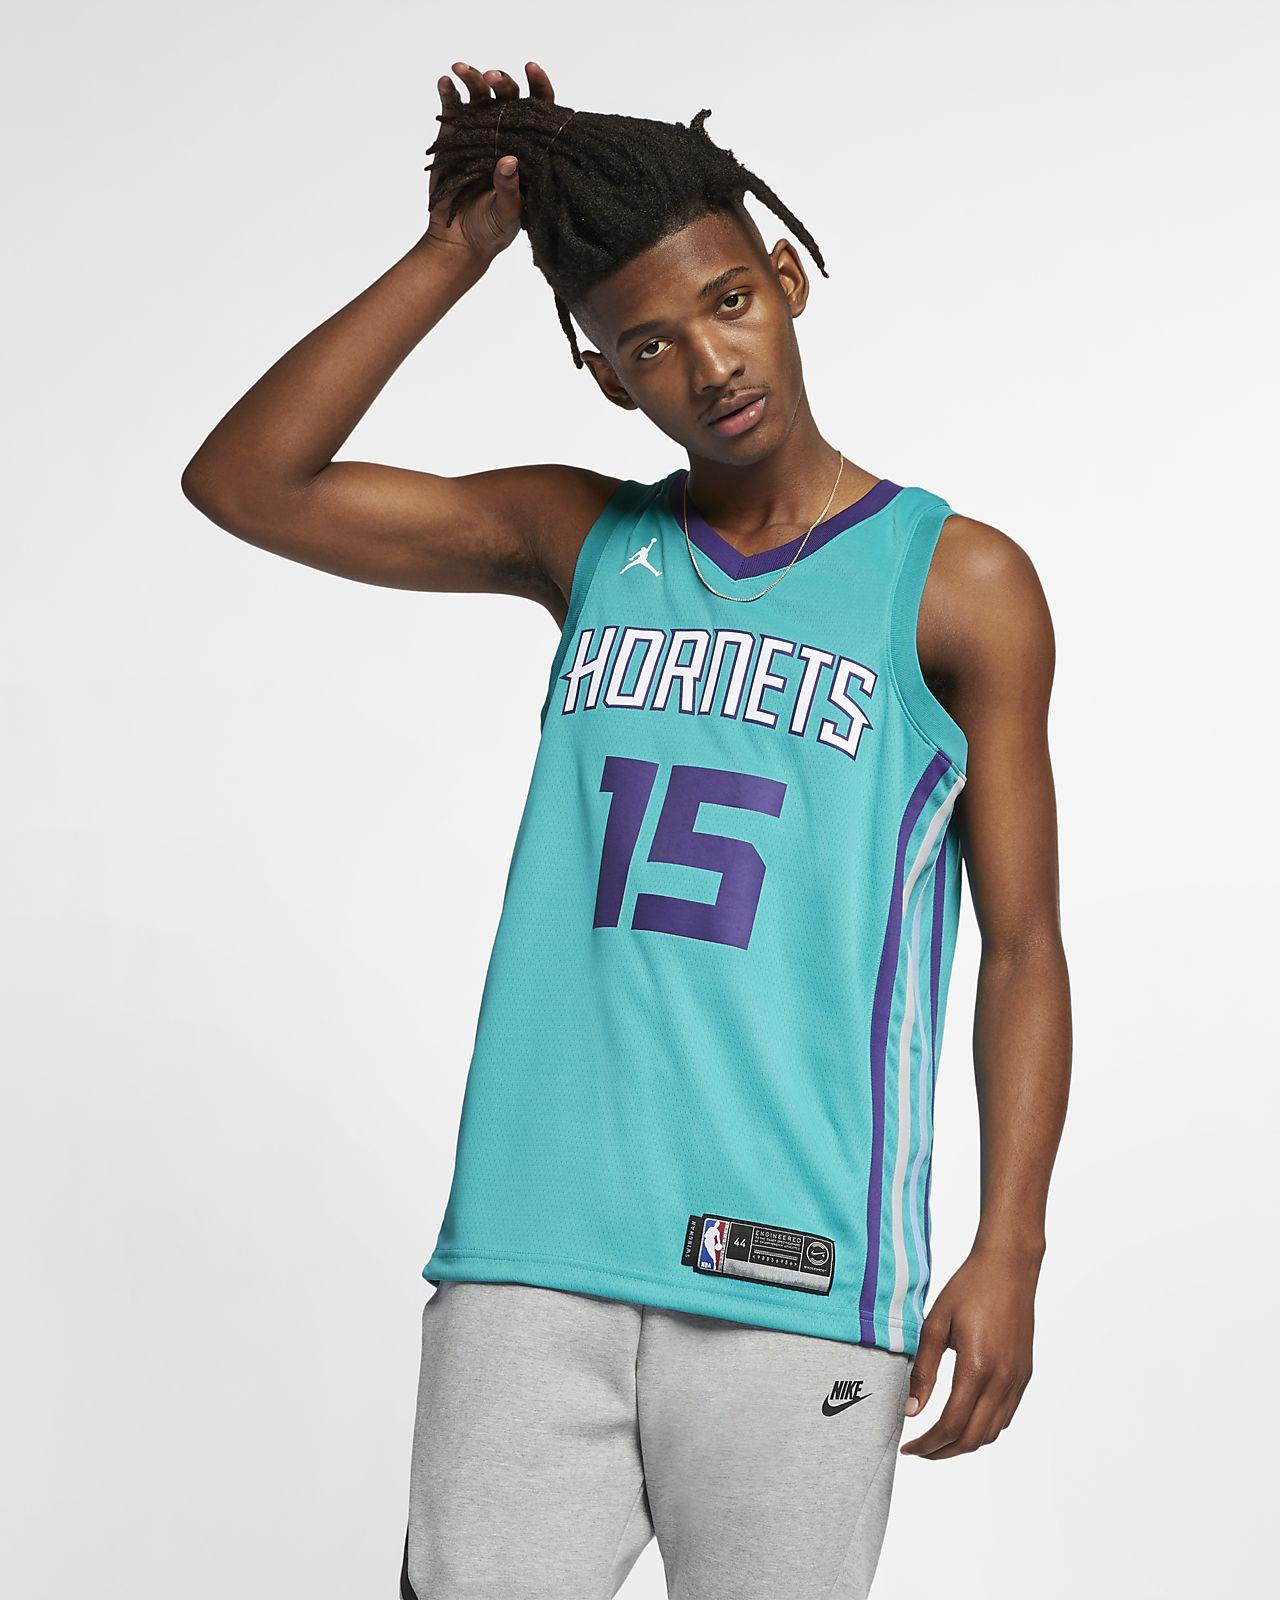 Camisola com ligação à NBA da Jordan Kemba Walker Icon Edition Swingman (Charlotte Hornets) para homem